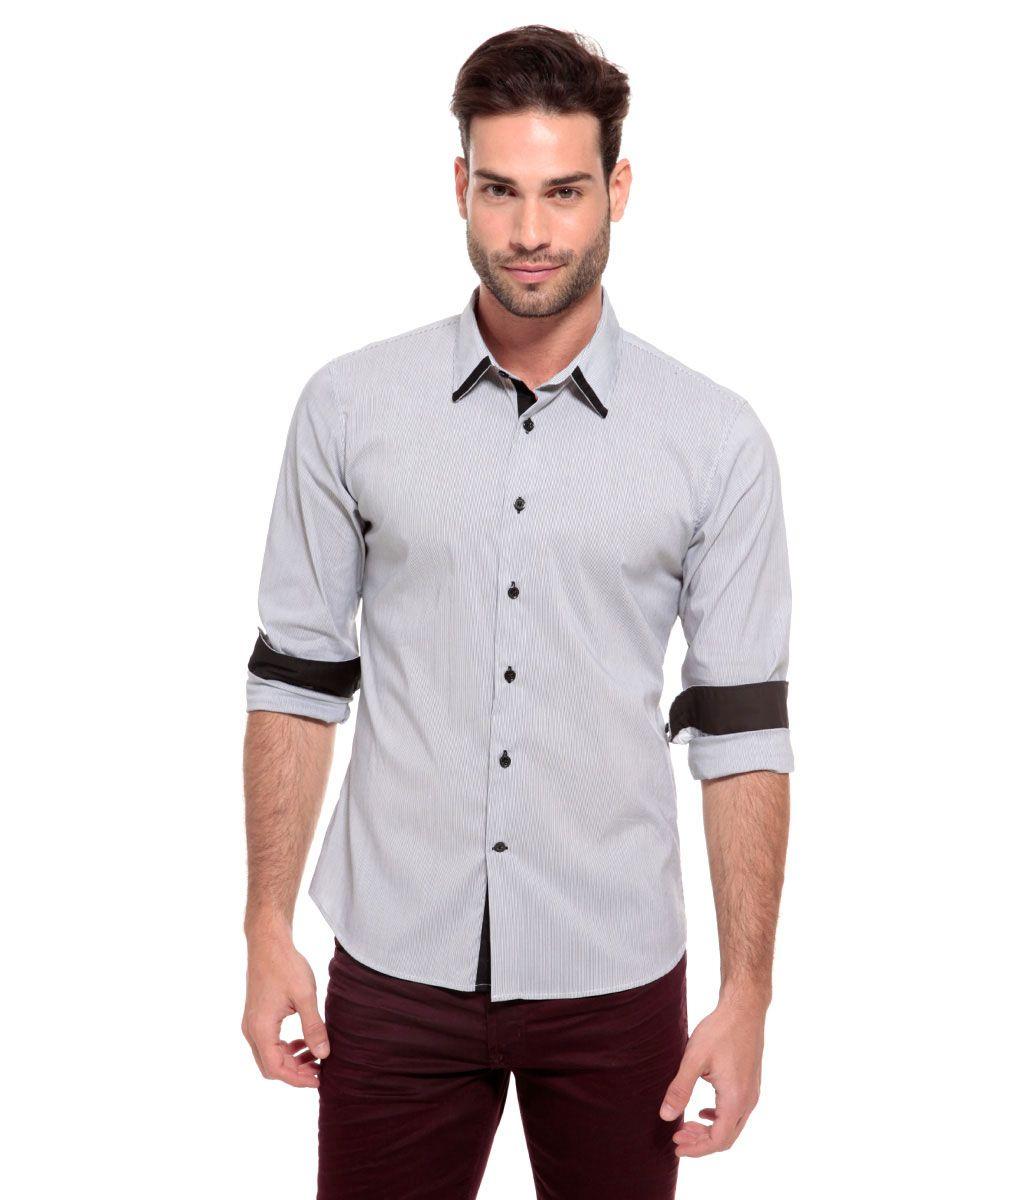 1478770b36 Camisa masculina Manga longa Estampada Colarinho clássico s  botão Marca   Request Tecido  Algodão Composição  100% algodão Modelo veste tamanho  03  COLEÇÃO ...